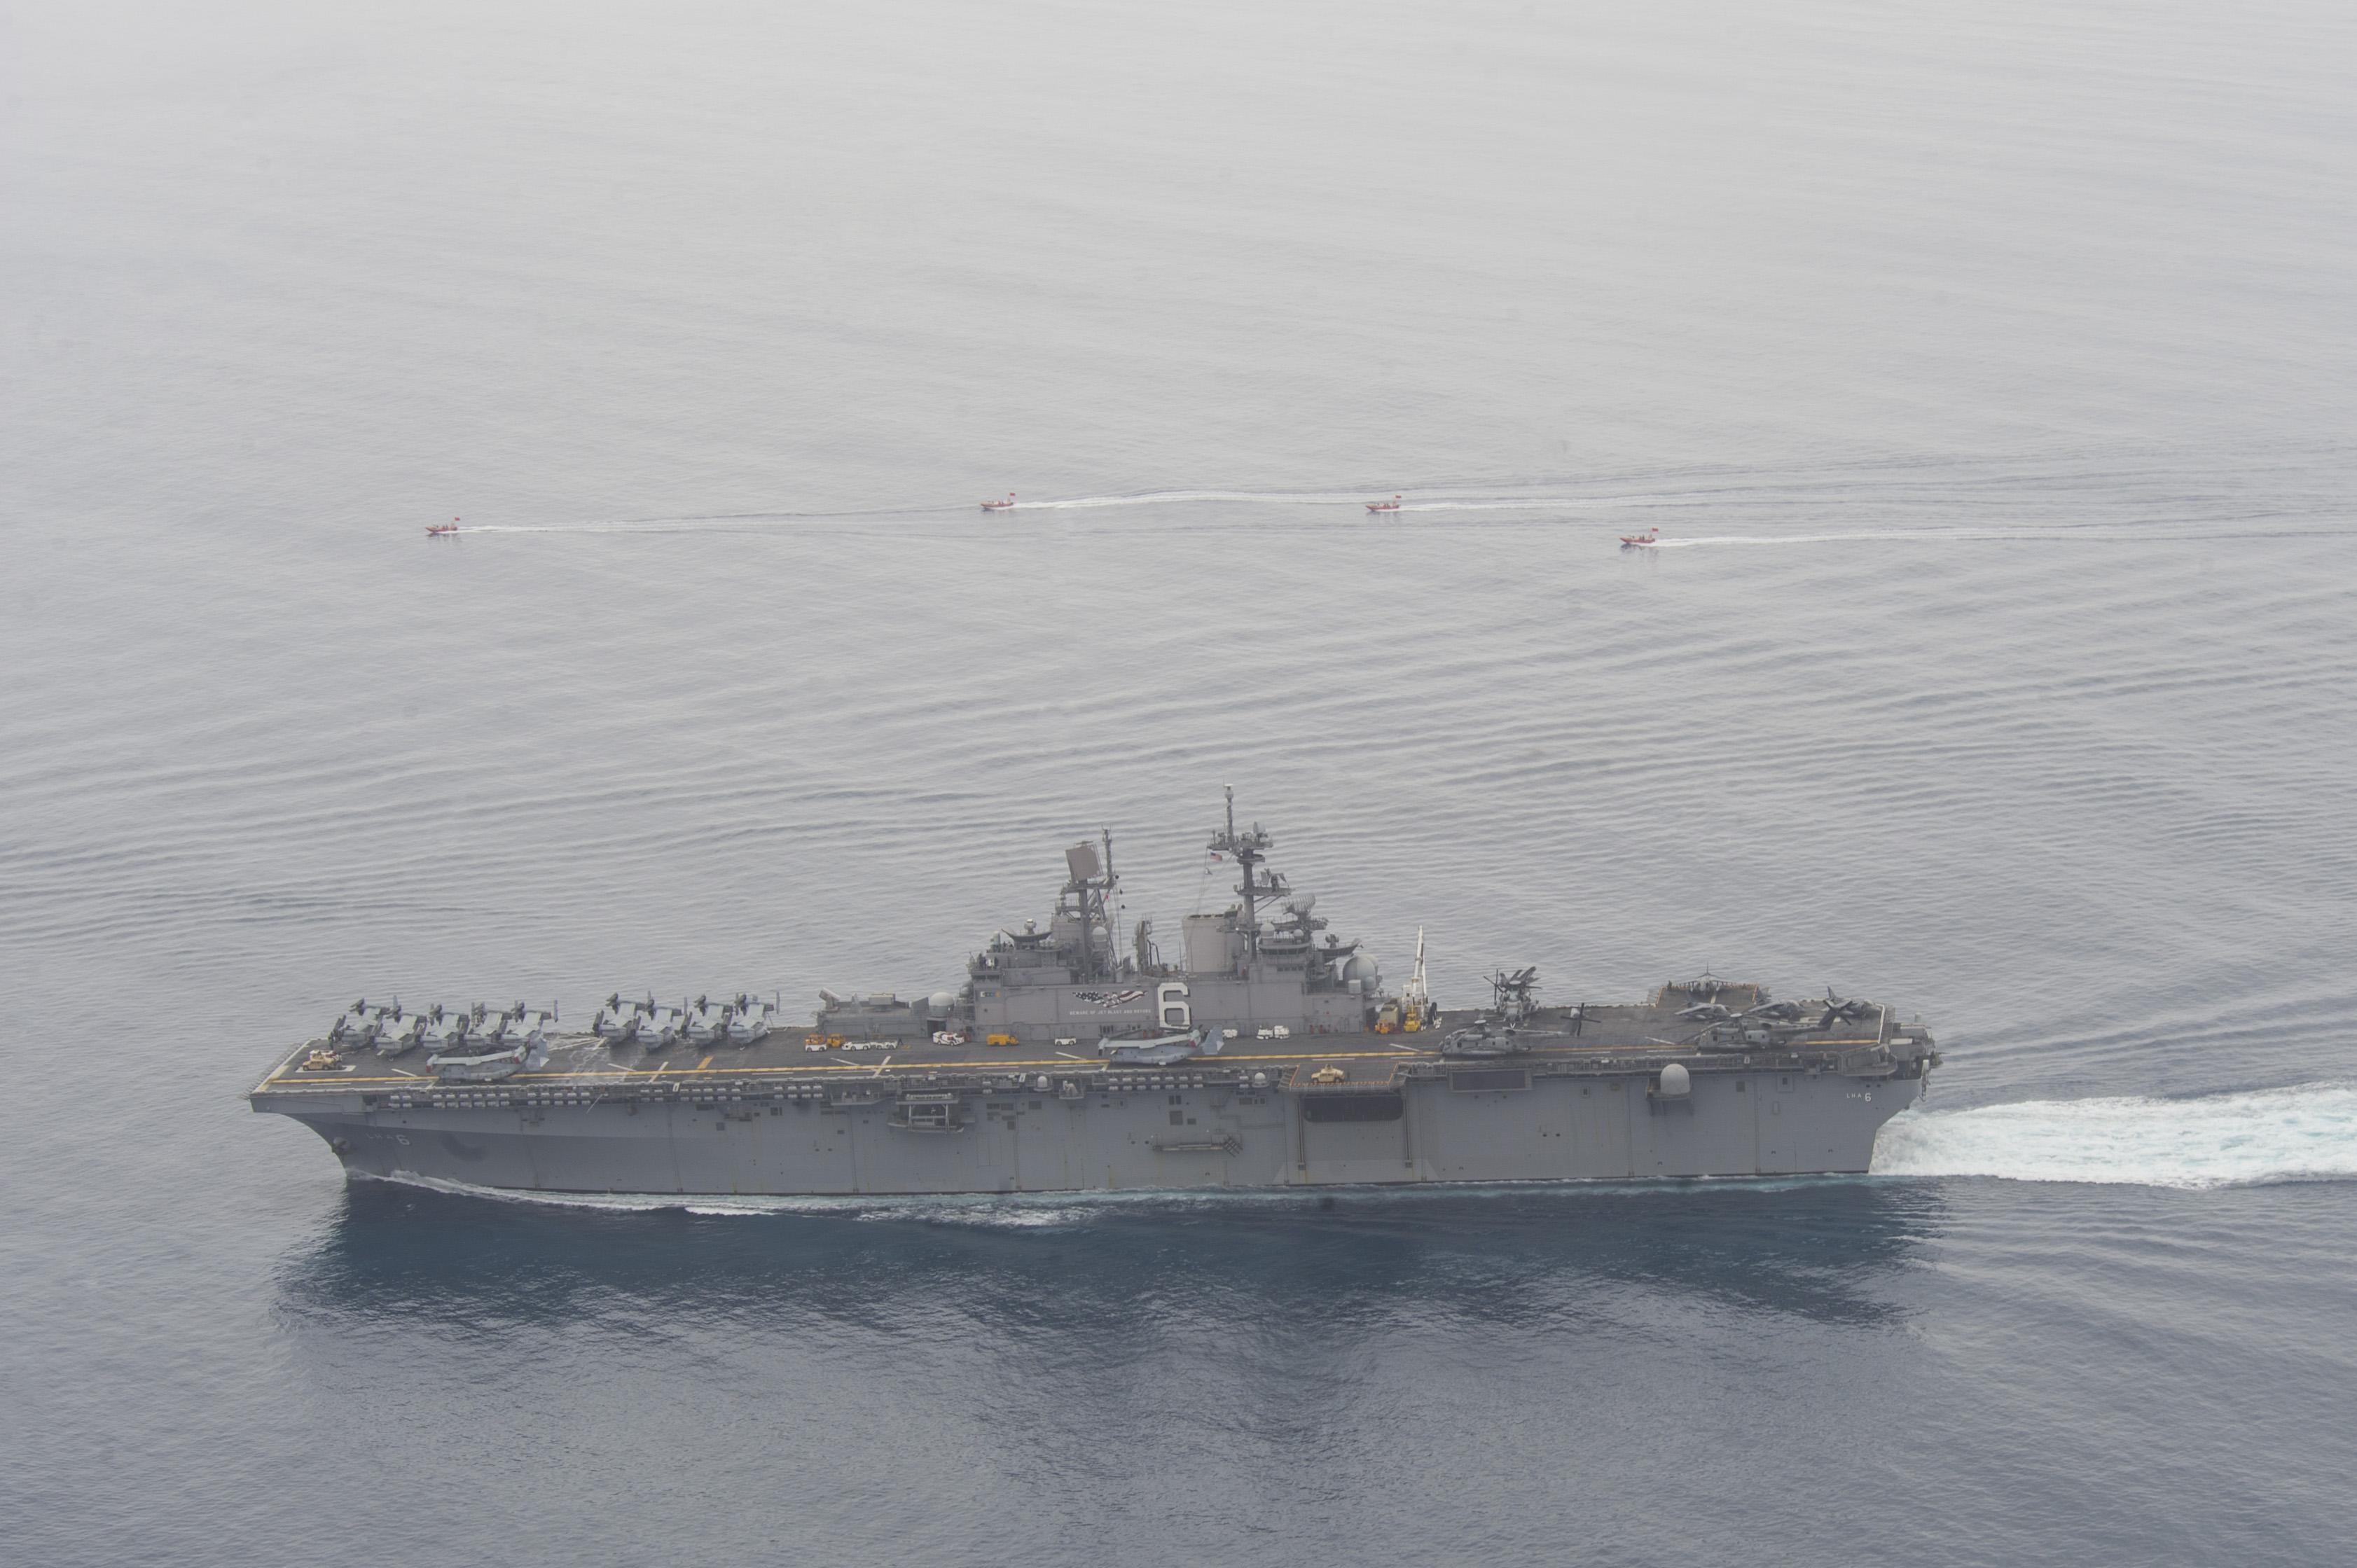 Amphibious assault ship (LHA - LHD - LPD) - Page 4 34774409600_df38d8ee1c_o